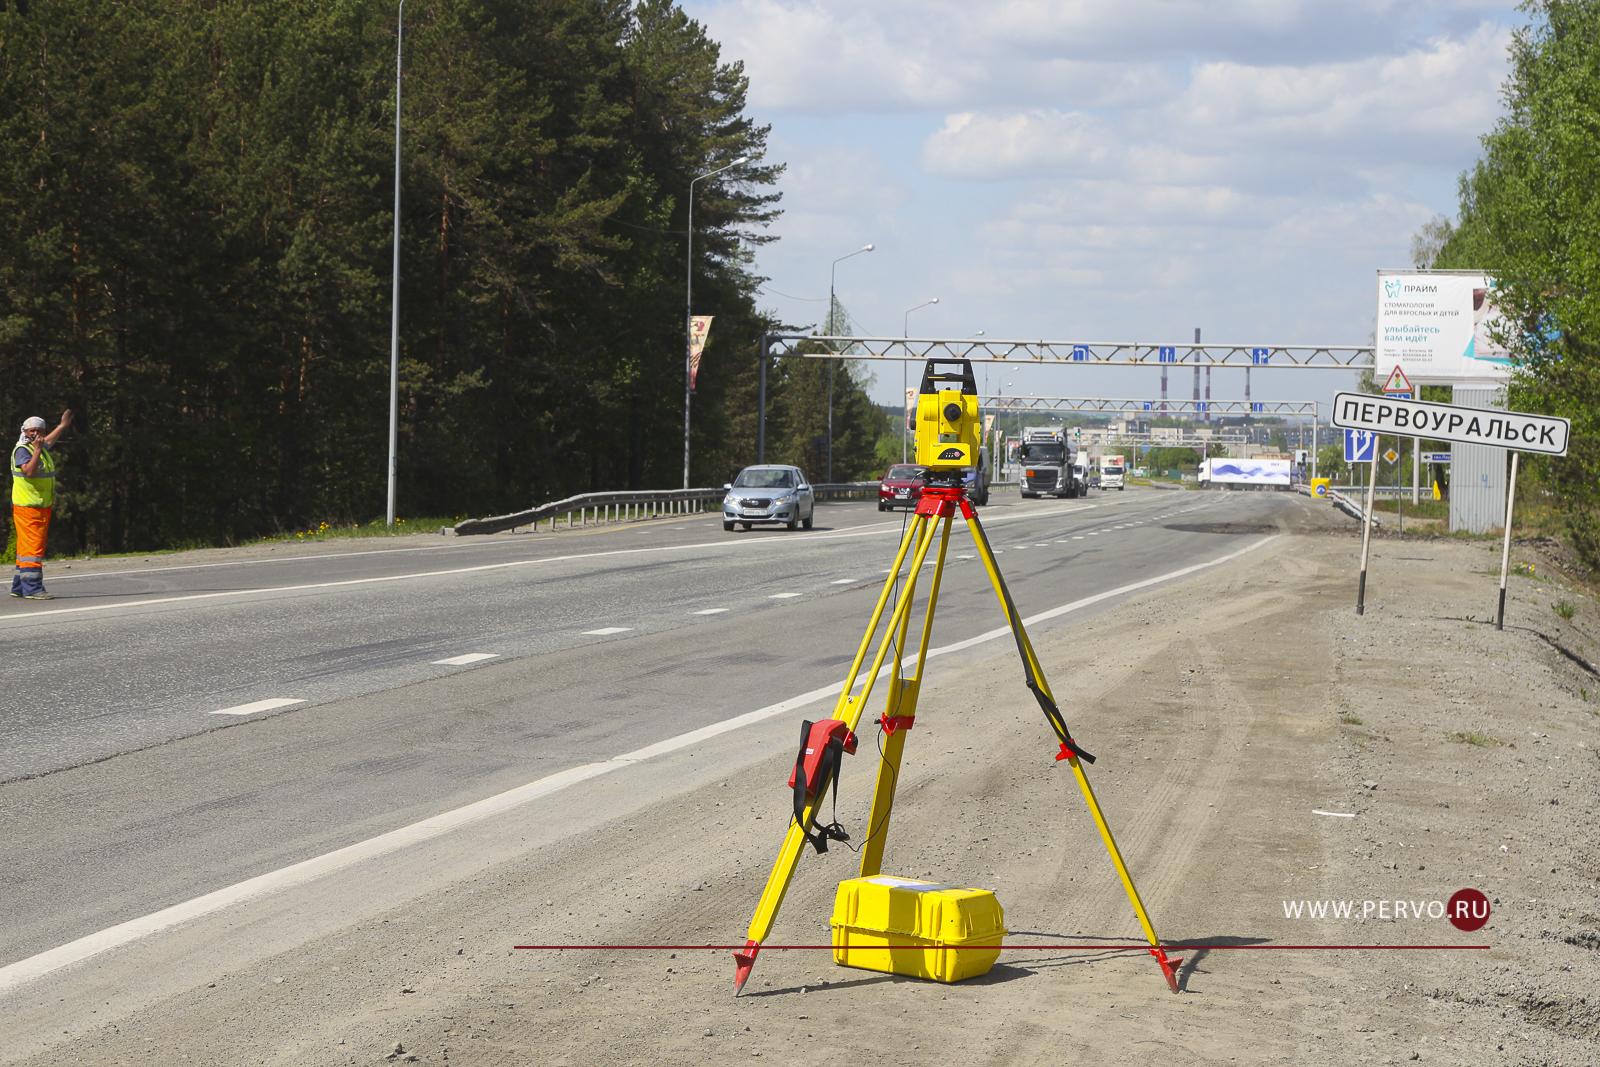 Водителей предупреждают о пробках на въезде и выезде из Первоуральска